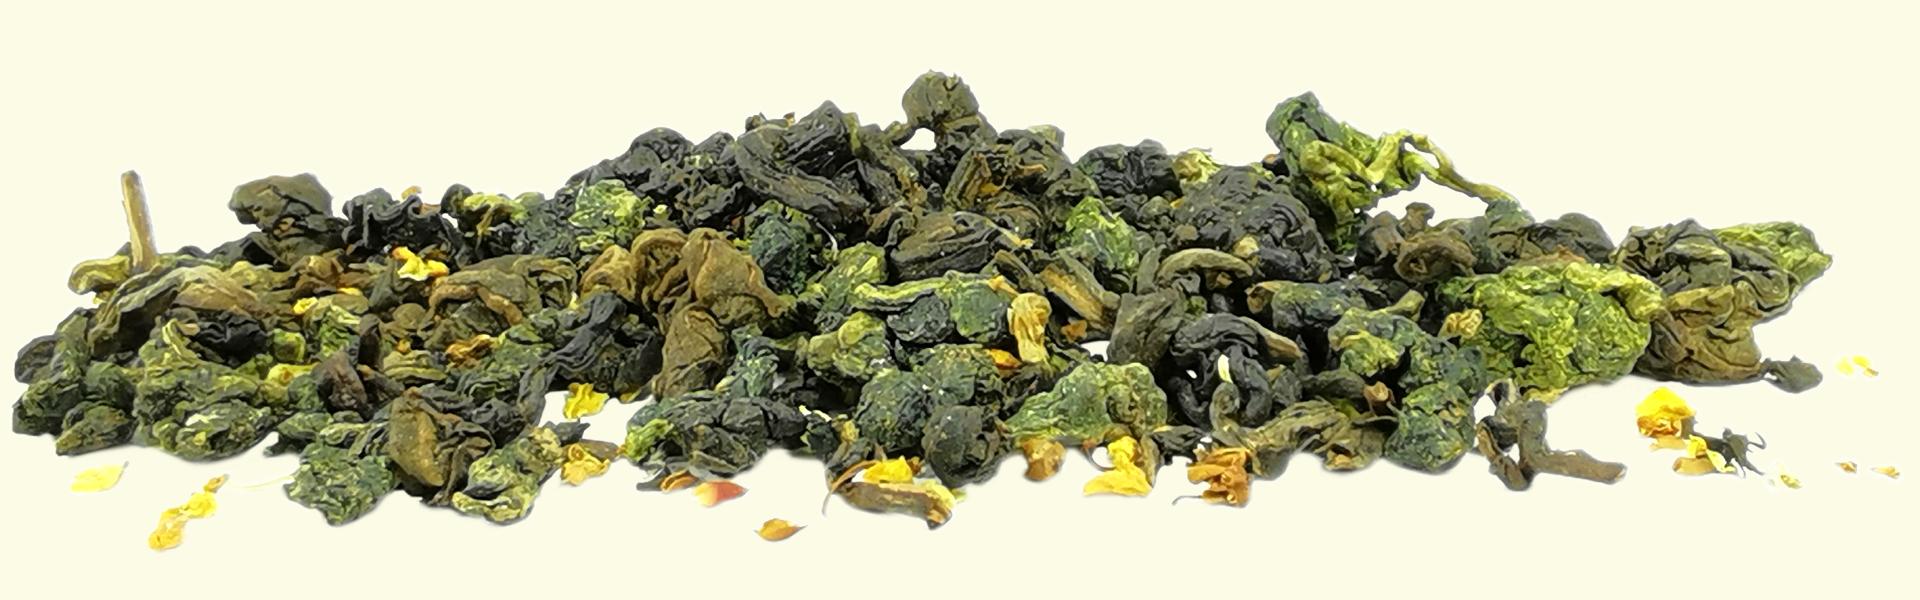 Thé Oolong #12 fleur d'Osmanthus : un assemblage entre le thé Oolong #12 Jinxuan en feuilles roulées, avec des fleurs d'Osmanthus.